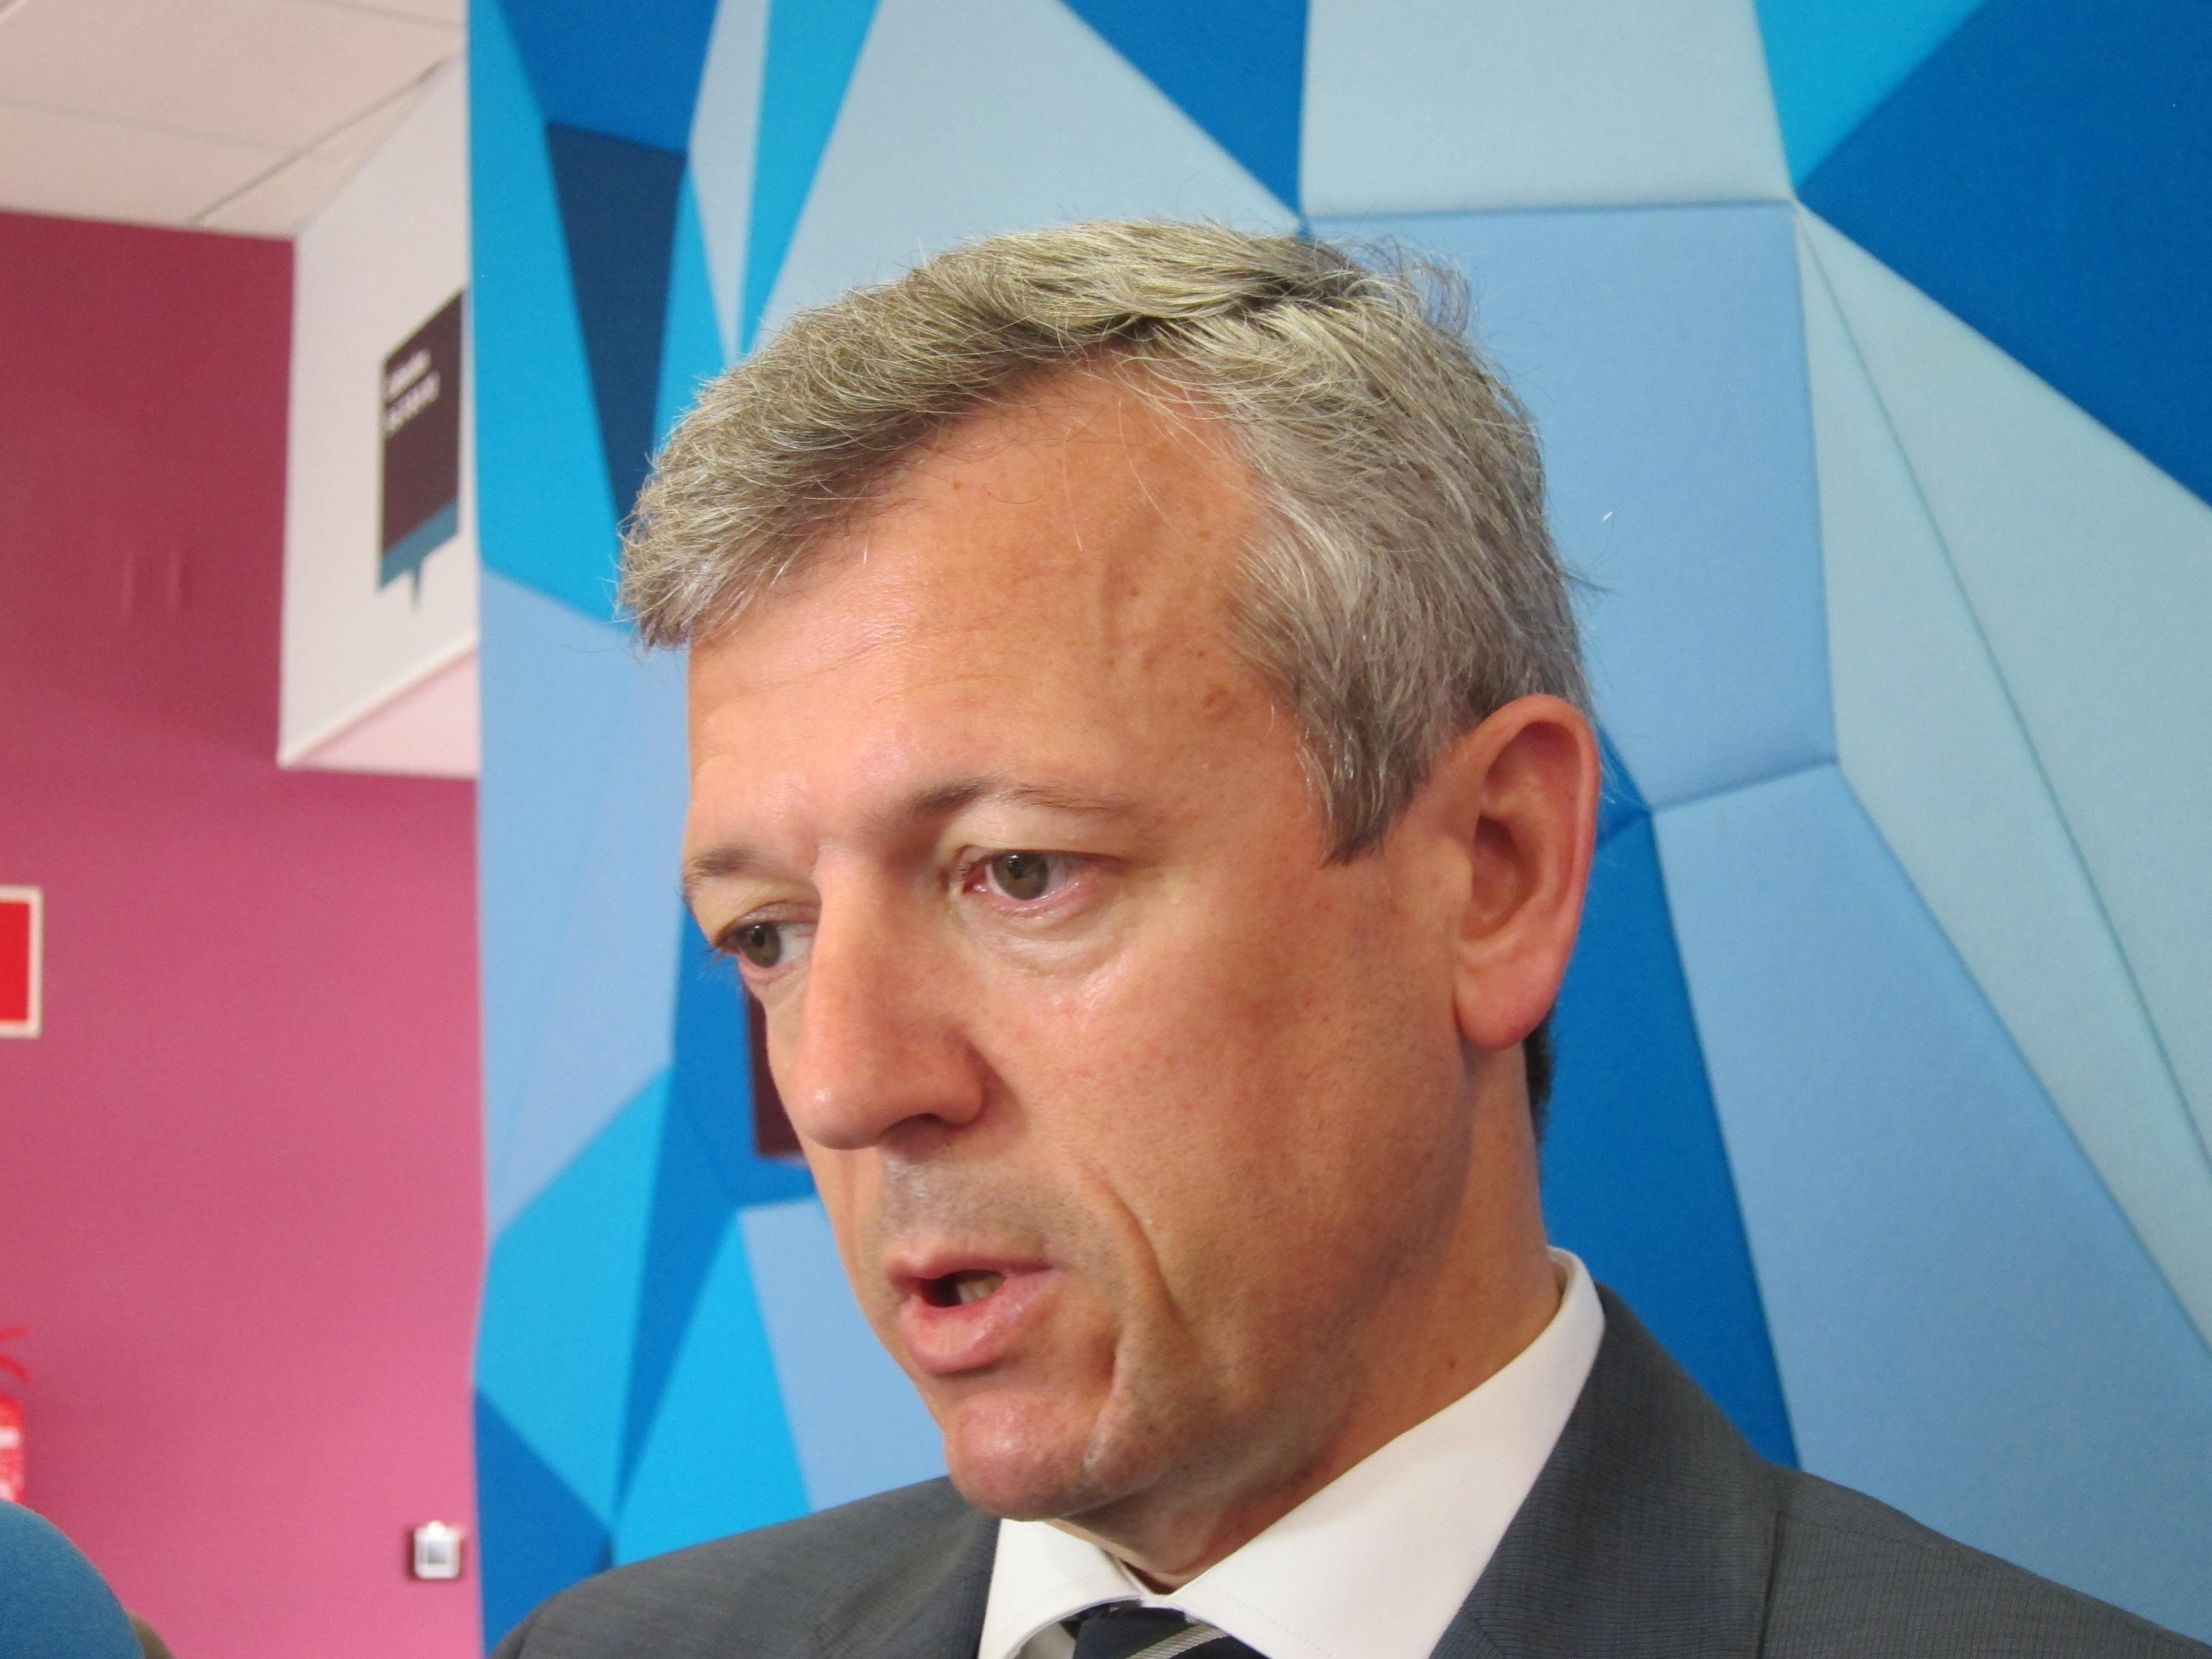 Xunta critica las declaraciones «tolerantes» con el terrorismo tras la condena a miembros de Resistencia Galega